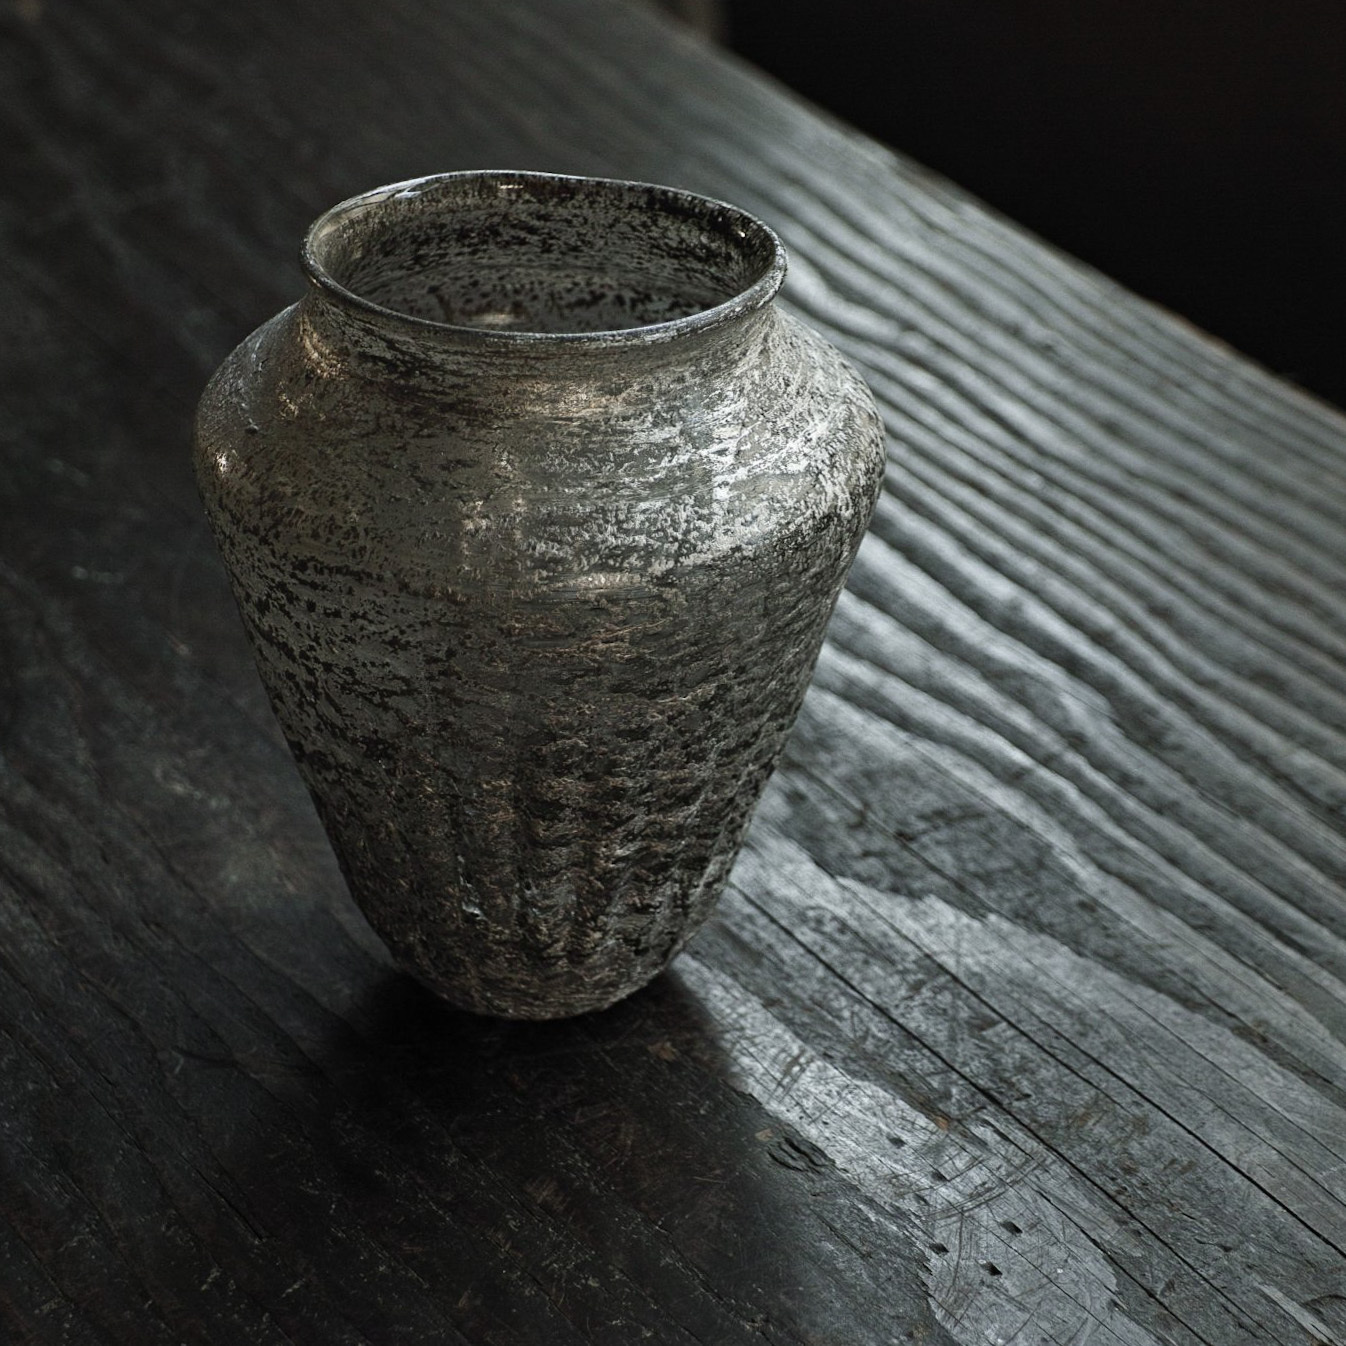 尖底壺 maeda kaori ③